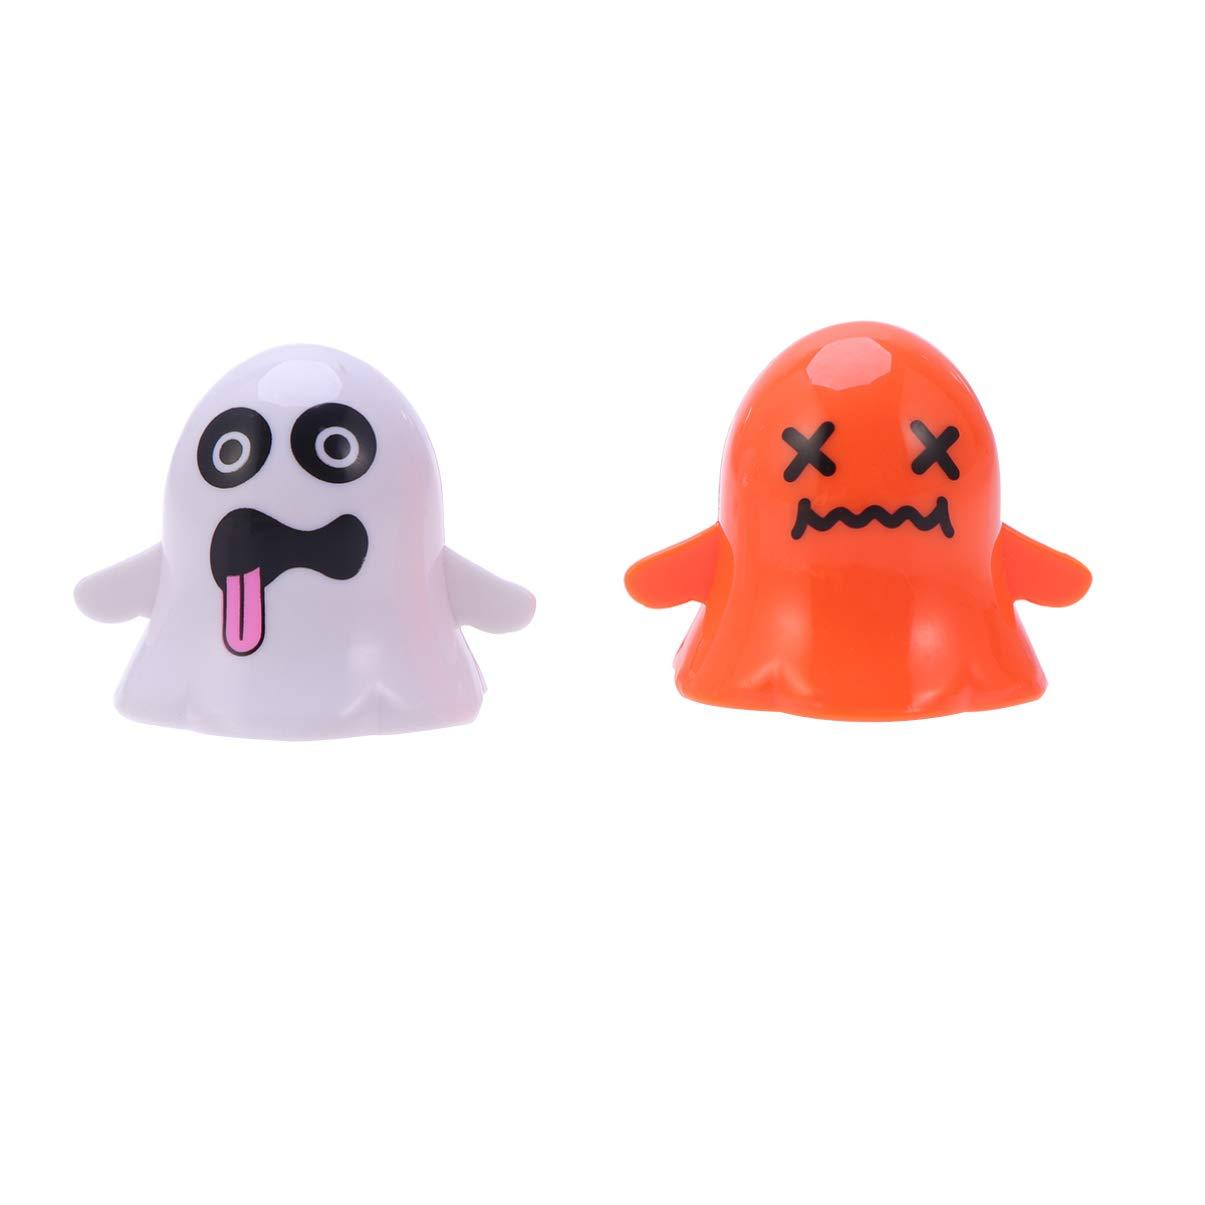 Modello Casuale Amosfun Halloween Wind up Giocattoli Fantasma Teschio Orologio a Piedi Puntelli per Feste Forniture per Bambini Adulti 2 Pezzi